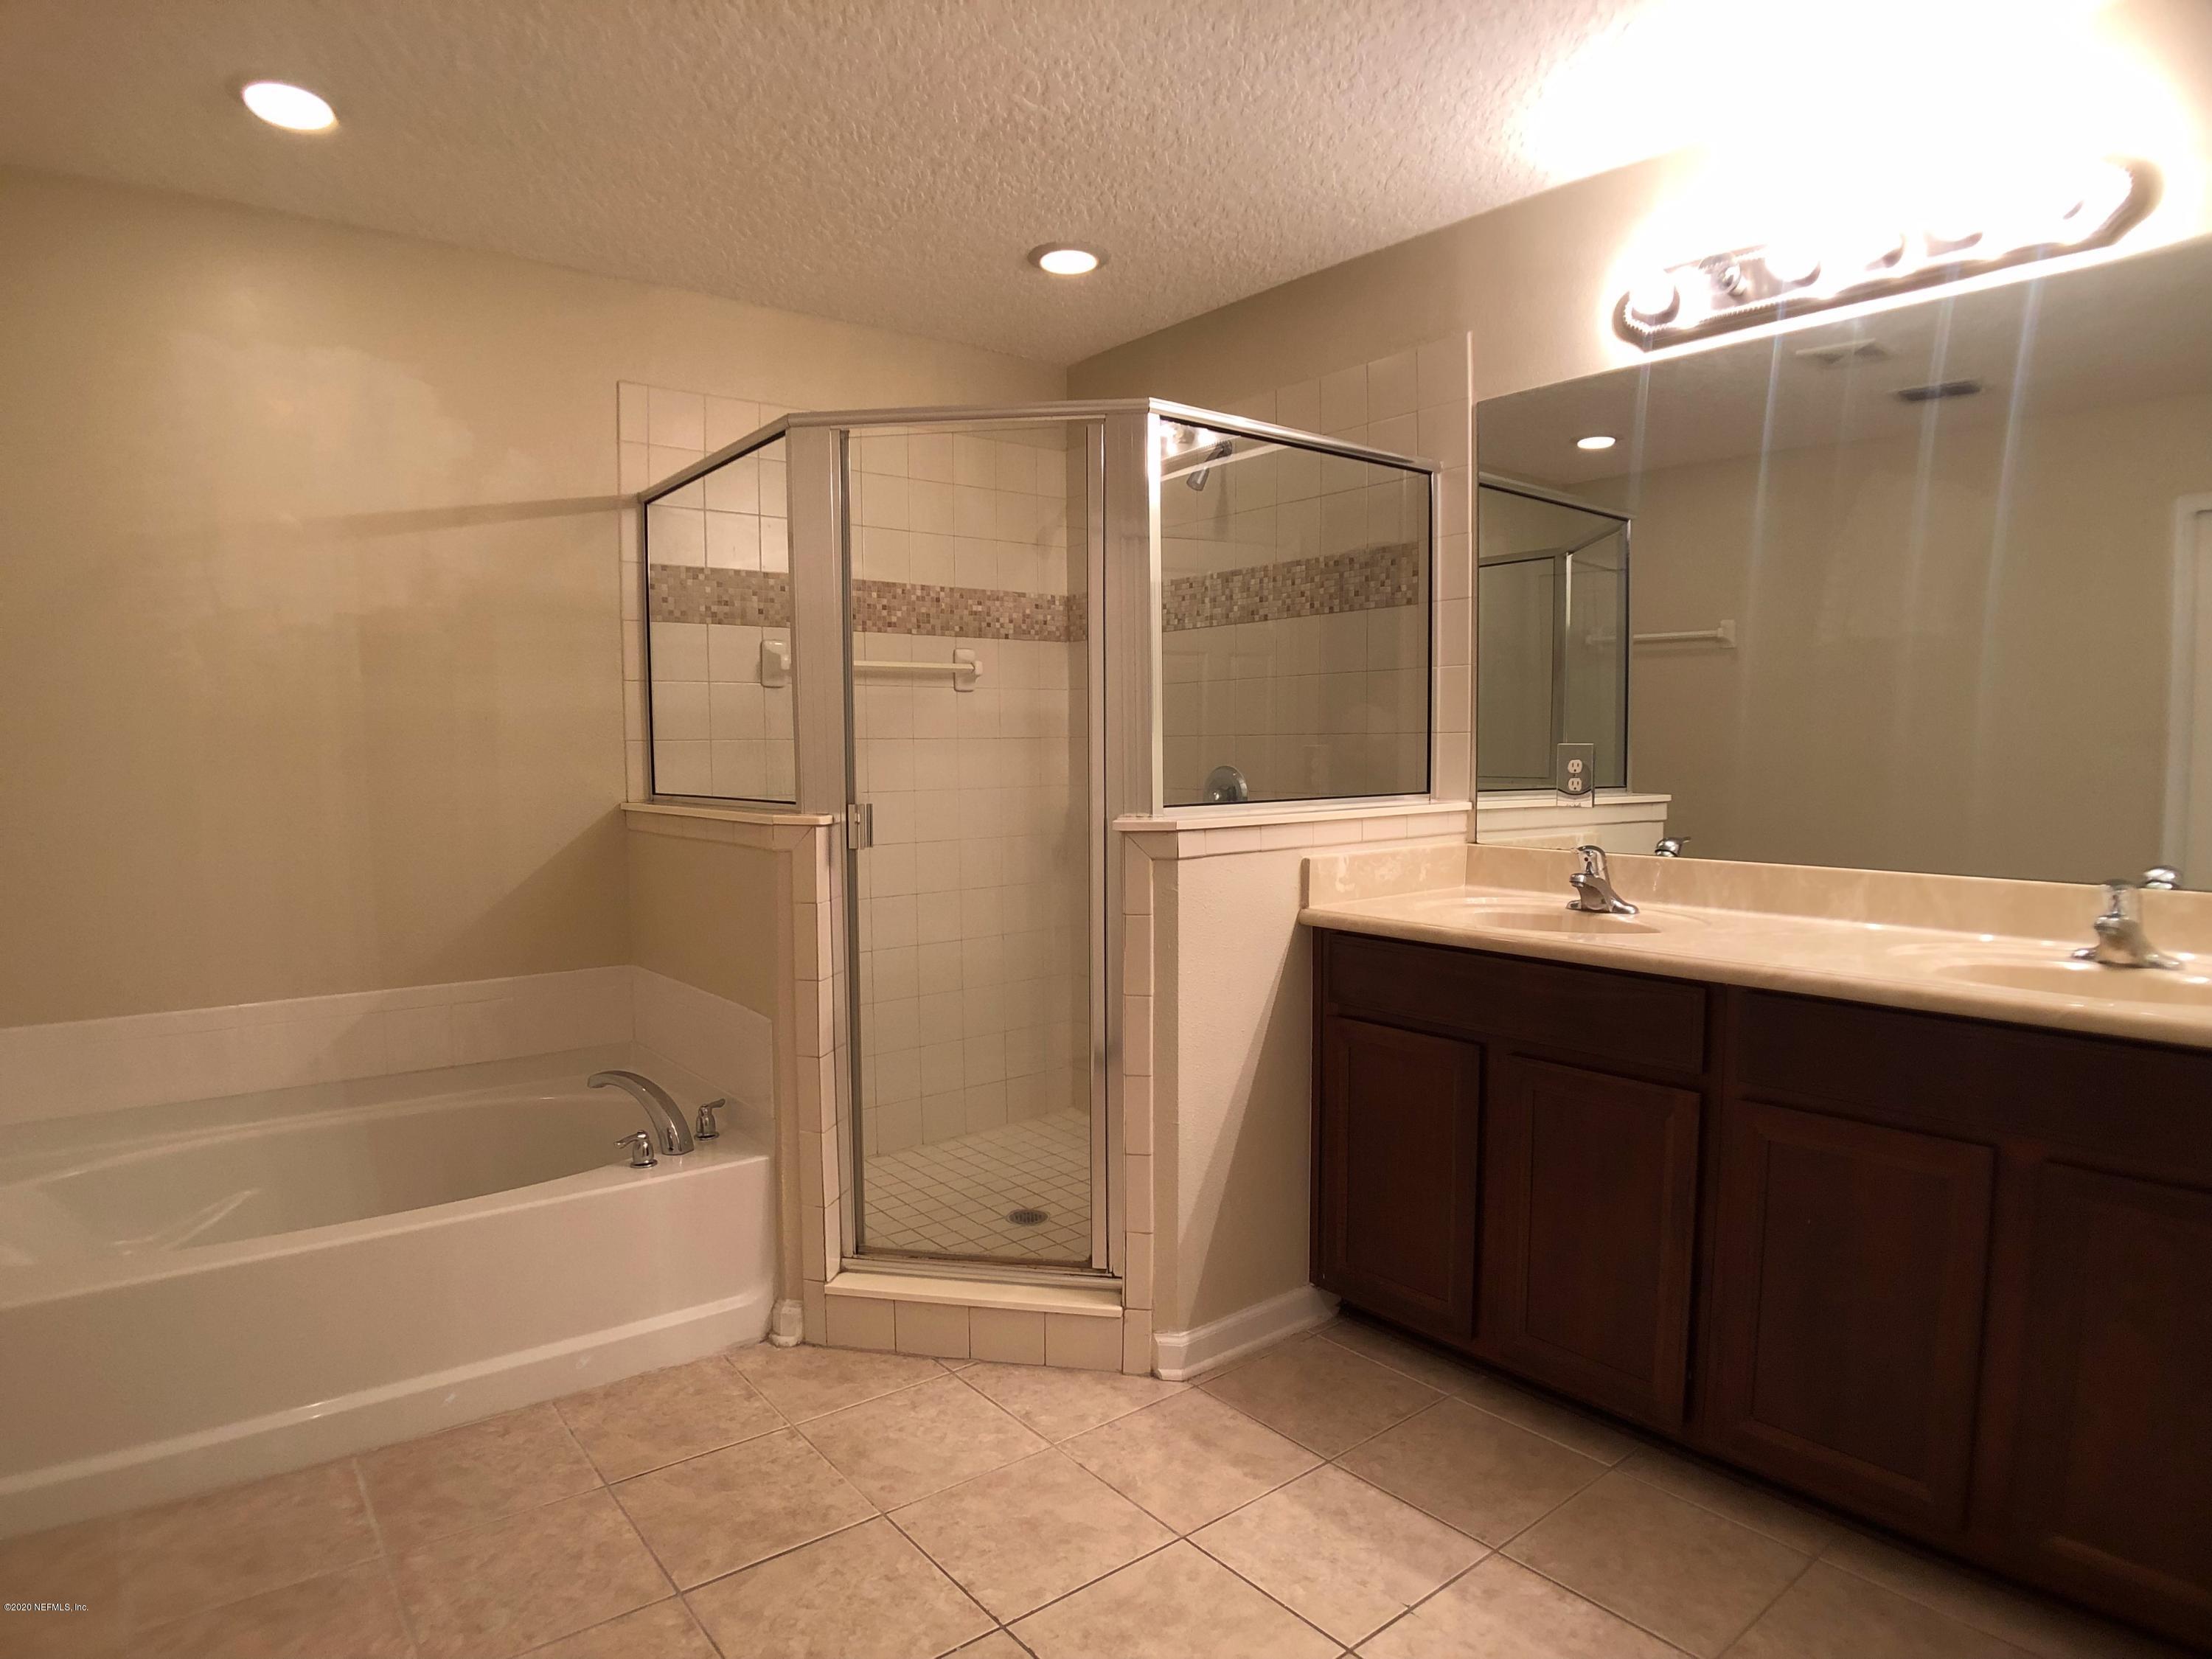 3735 CRESWICK, ORANGE PARK, FLORIDA 32065, 3 Bedrooms Bedrooms, ,2 BathroomsBathrooms,Rental,For Rent,CRESWICK,1081510